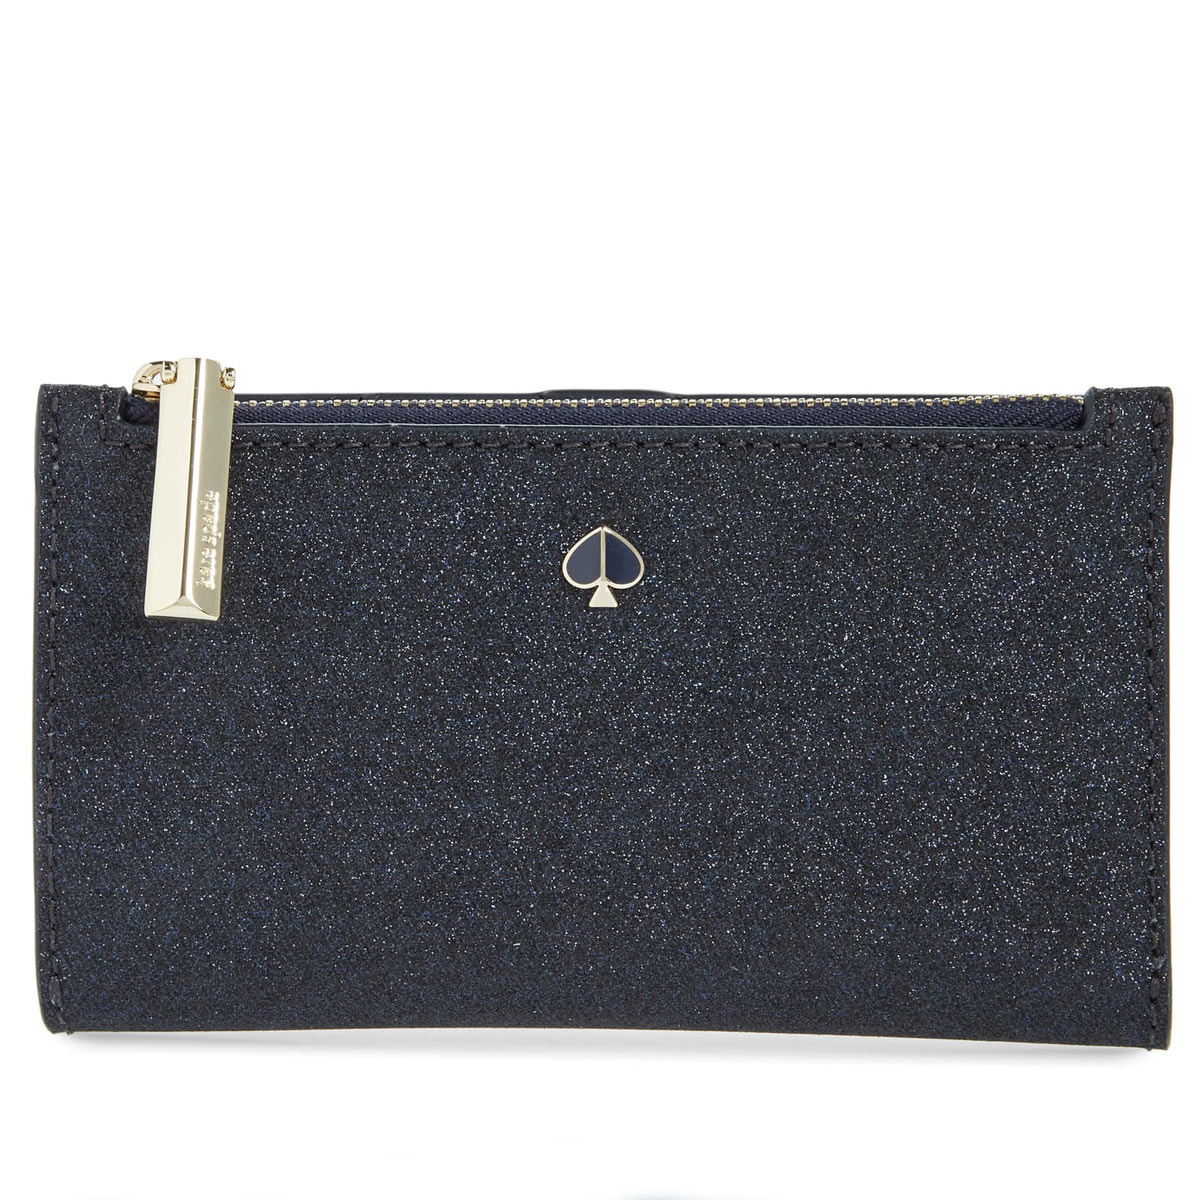 ケイトスペード 財布 二つ折り財布 ミニ財布 折財布 花柄 レディース ブランド コンパクト KATE SPADE NEW YORK